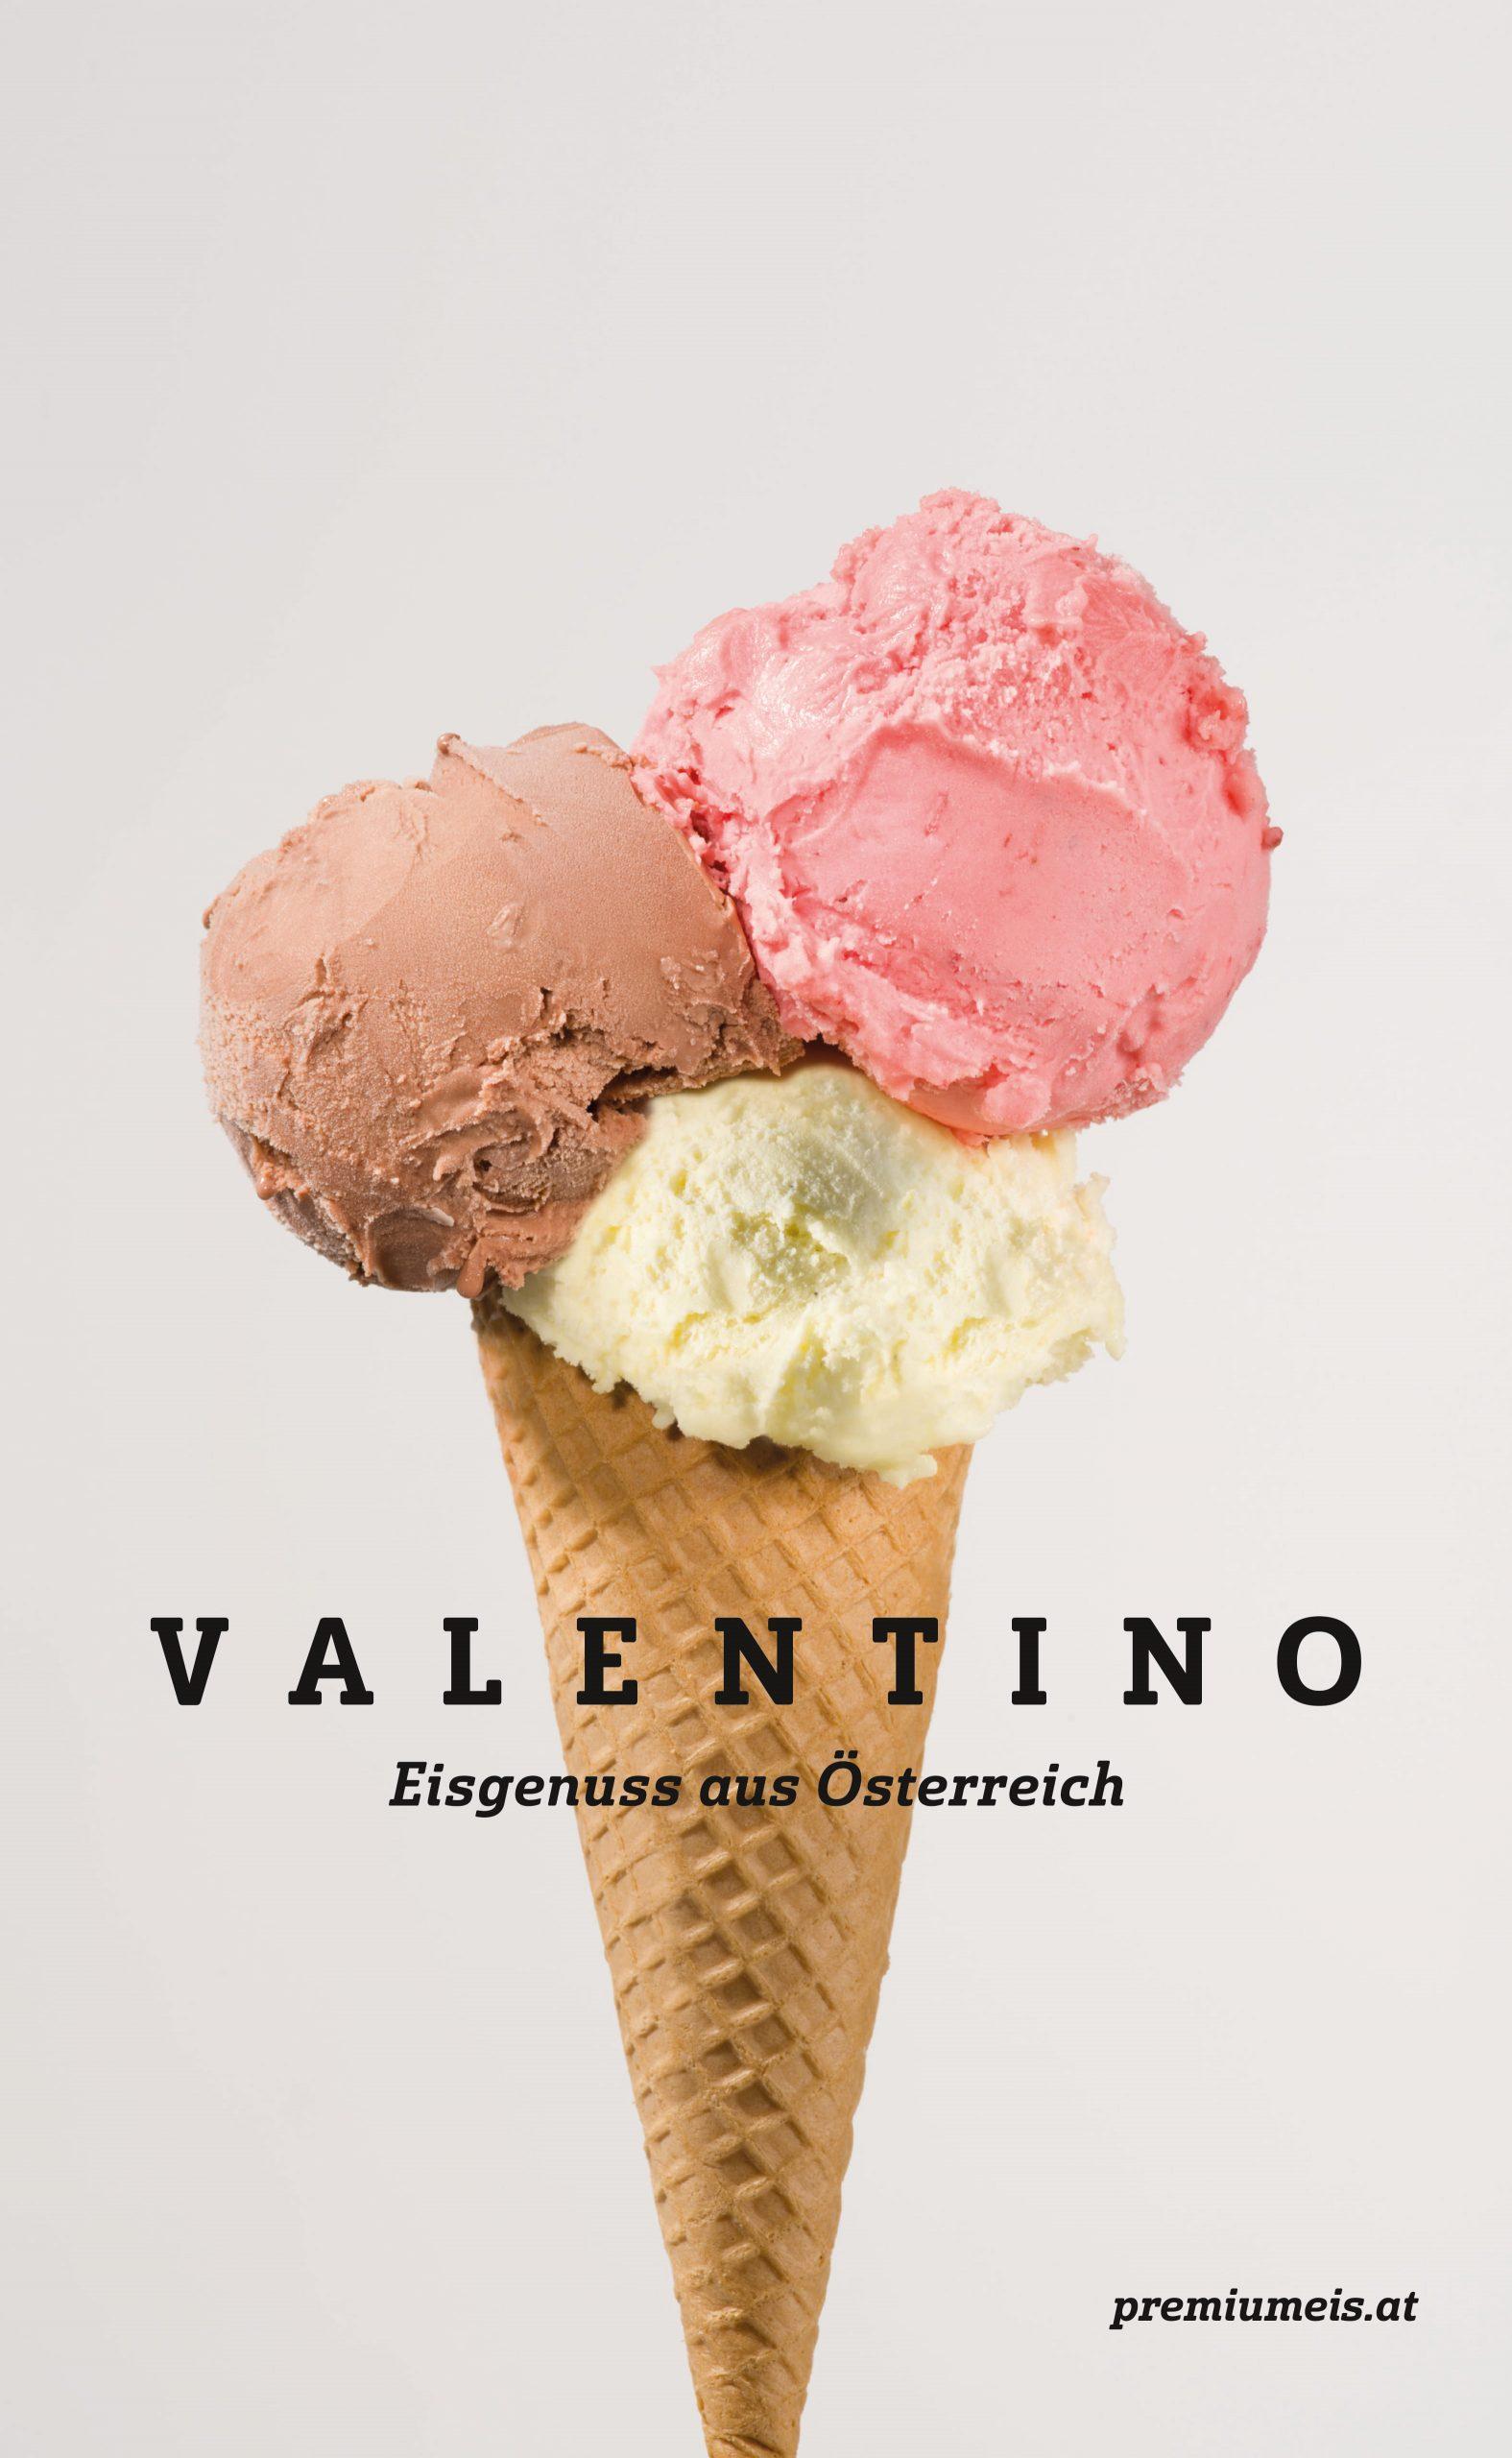 Premiumeis - Valentino Eisgenuss aus Österreich